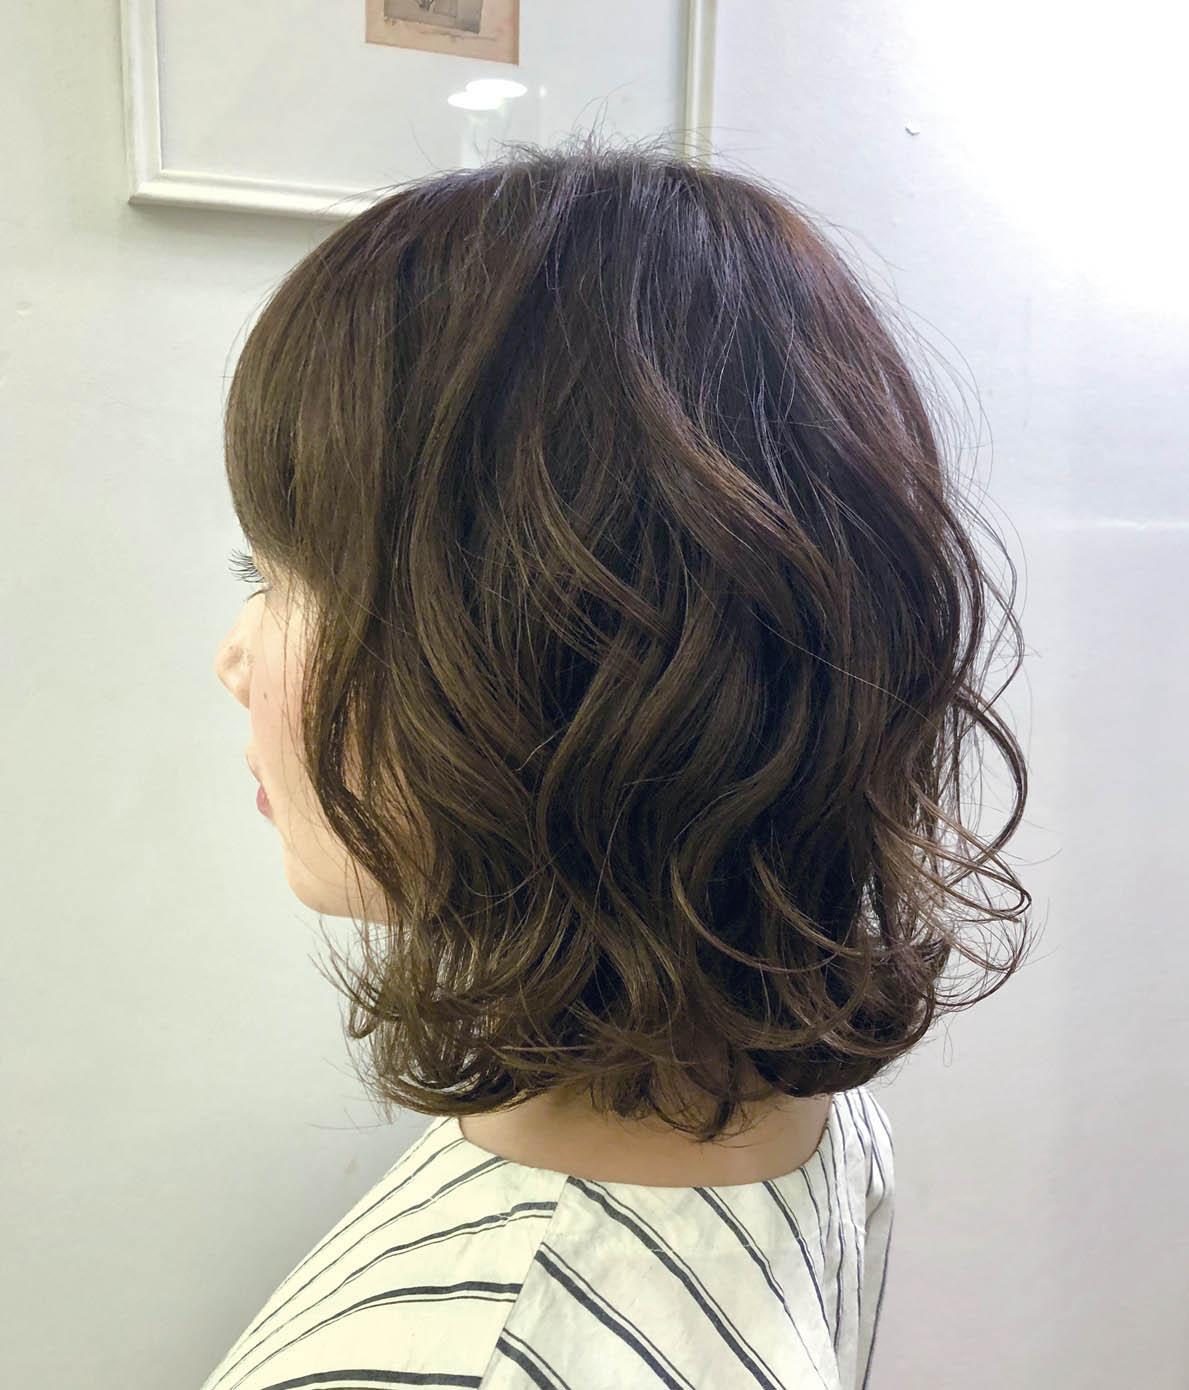 Hair room Sora - ワイズデジタル【タイで生活する人のための情報サイト】